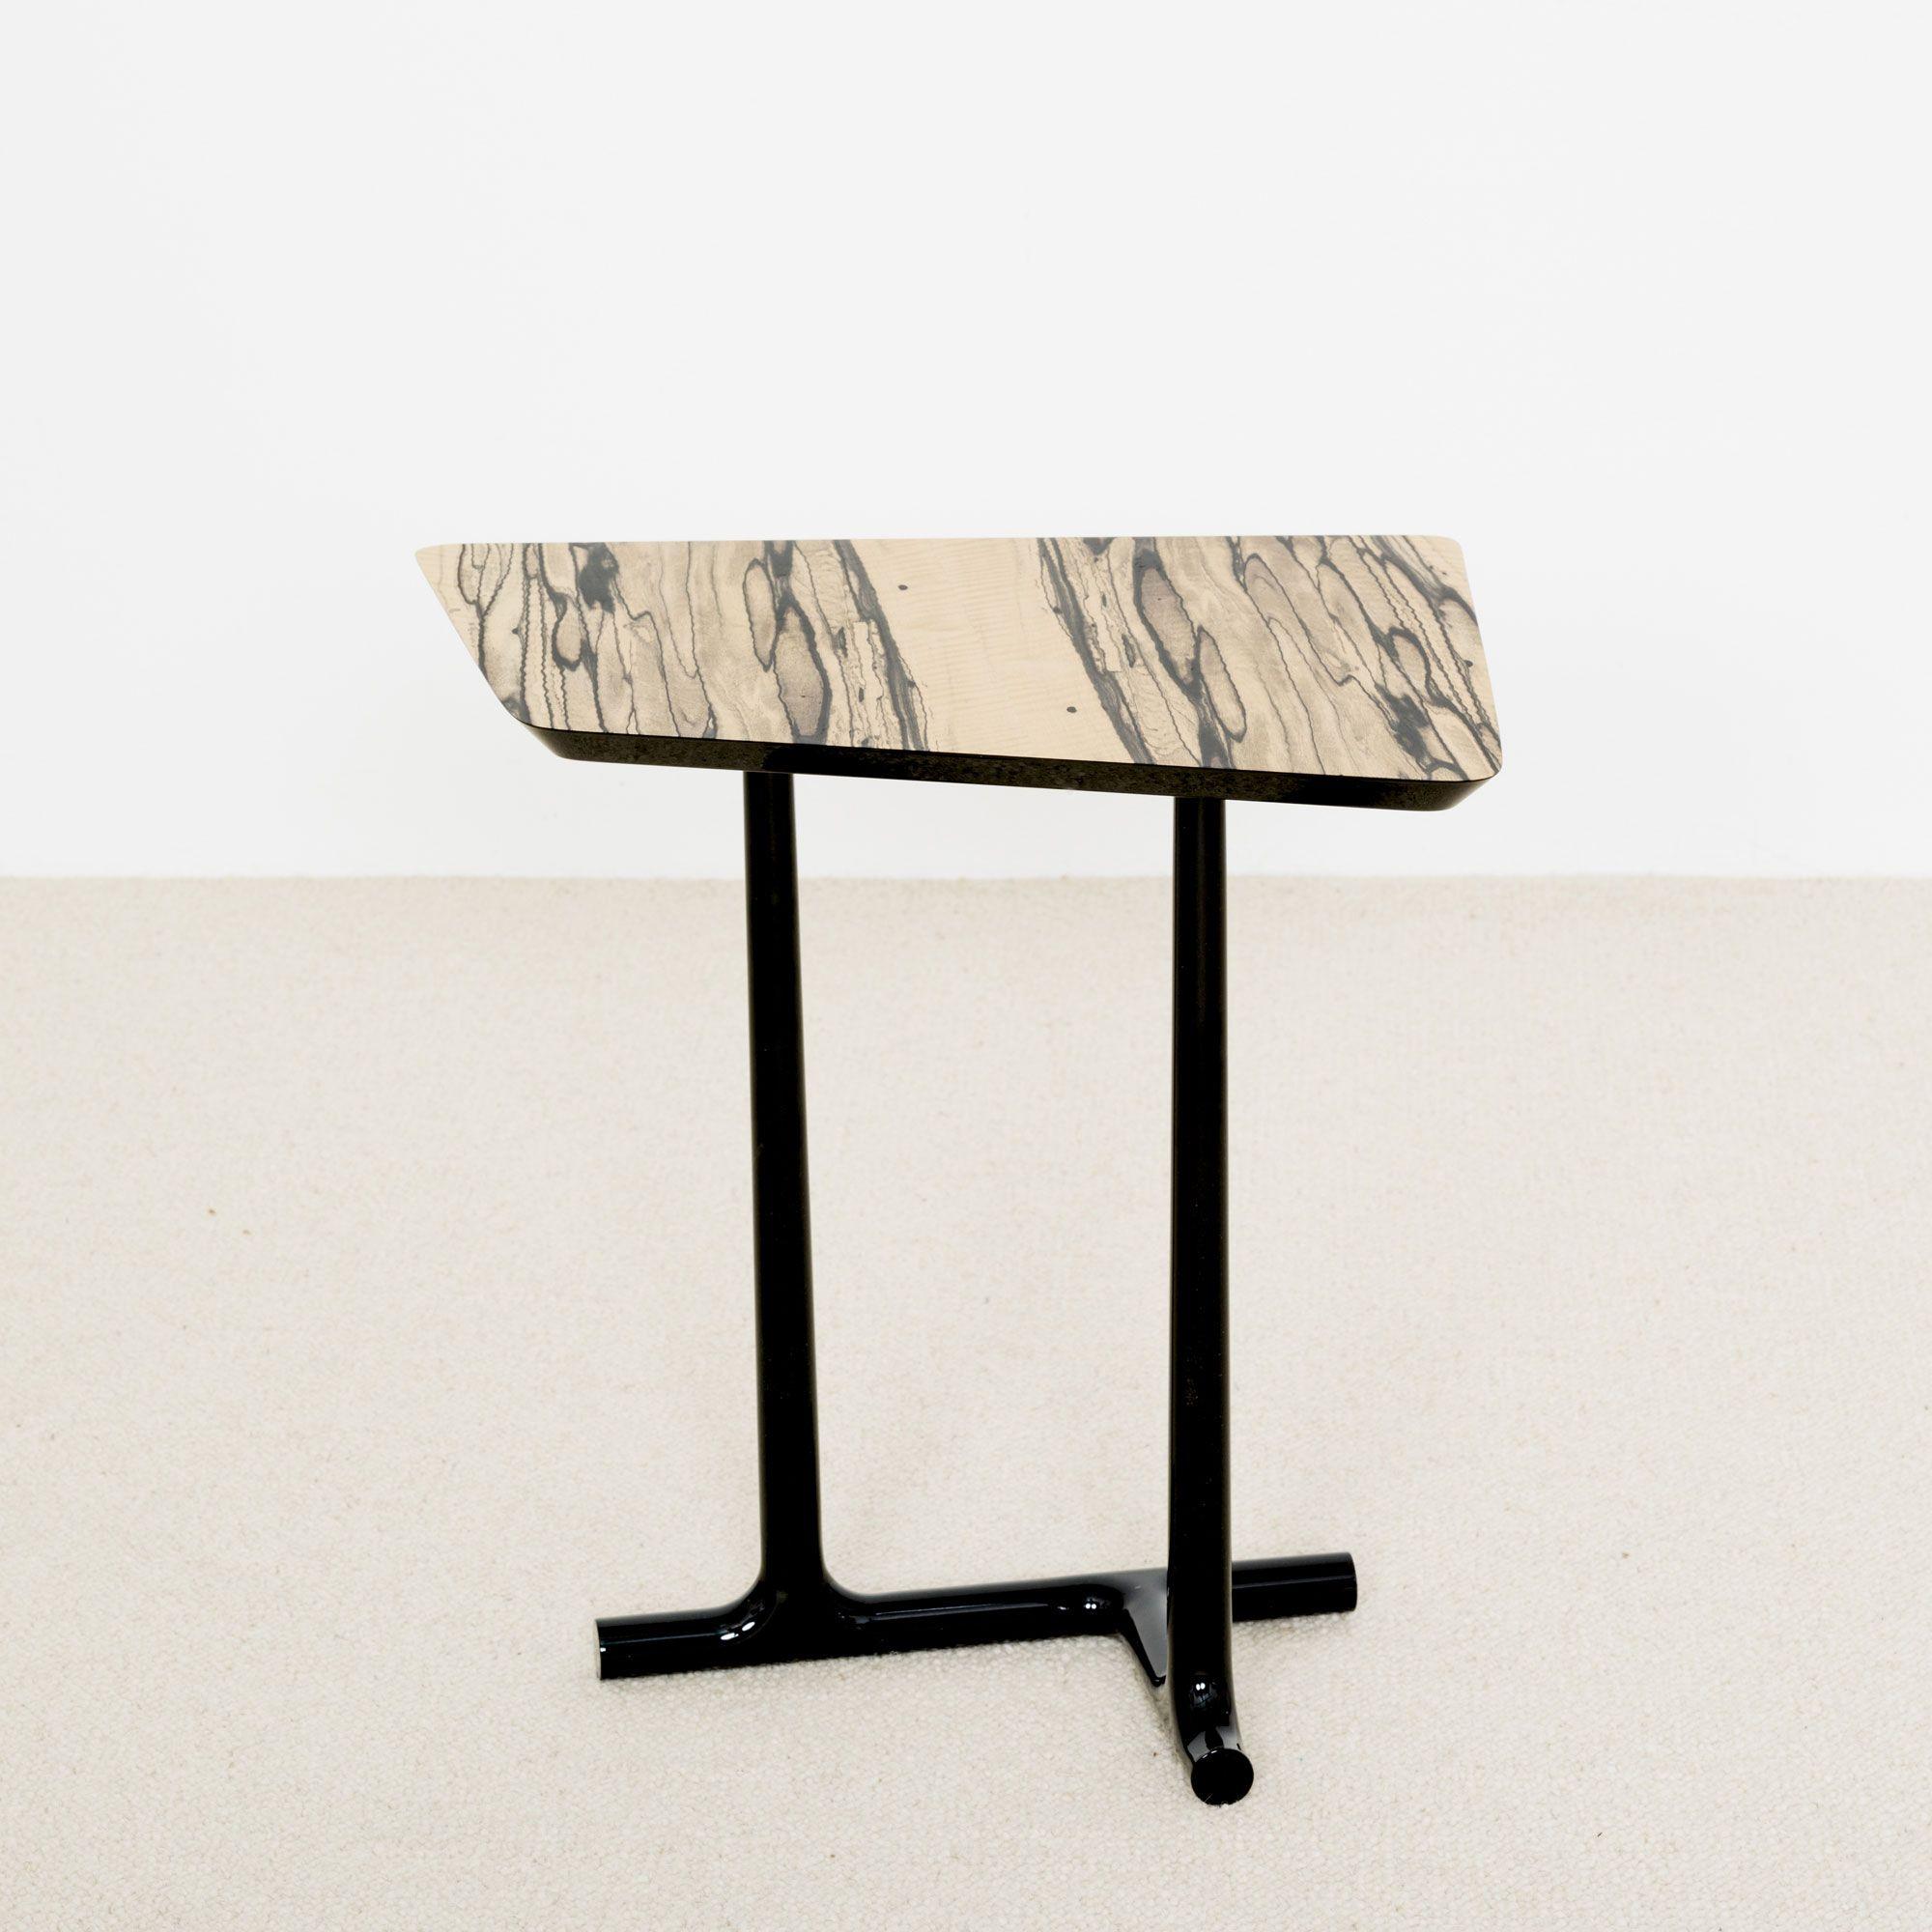 ff550d6c4b1b577274c00e12c5b8865c Luxe De Table Basse En Cuir Schème